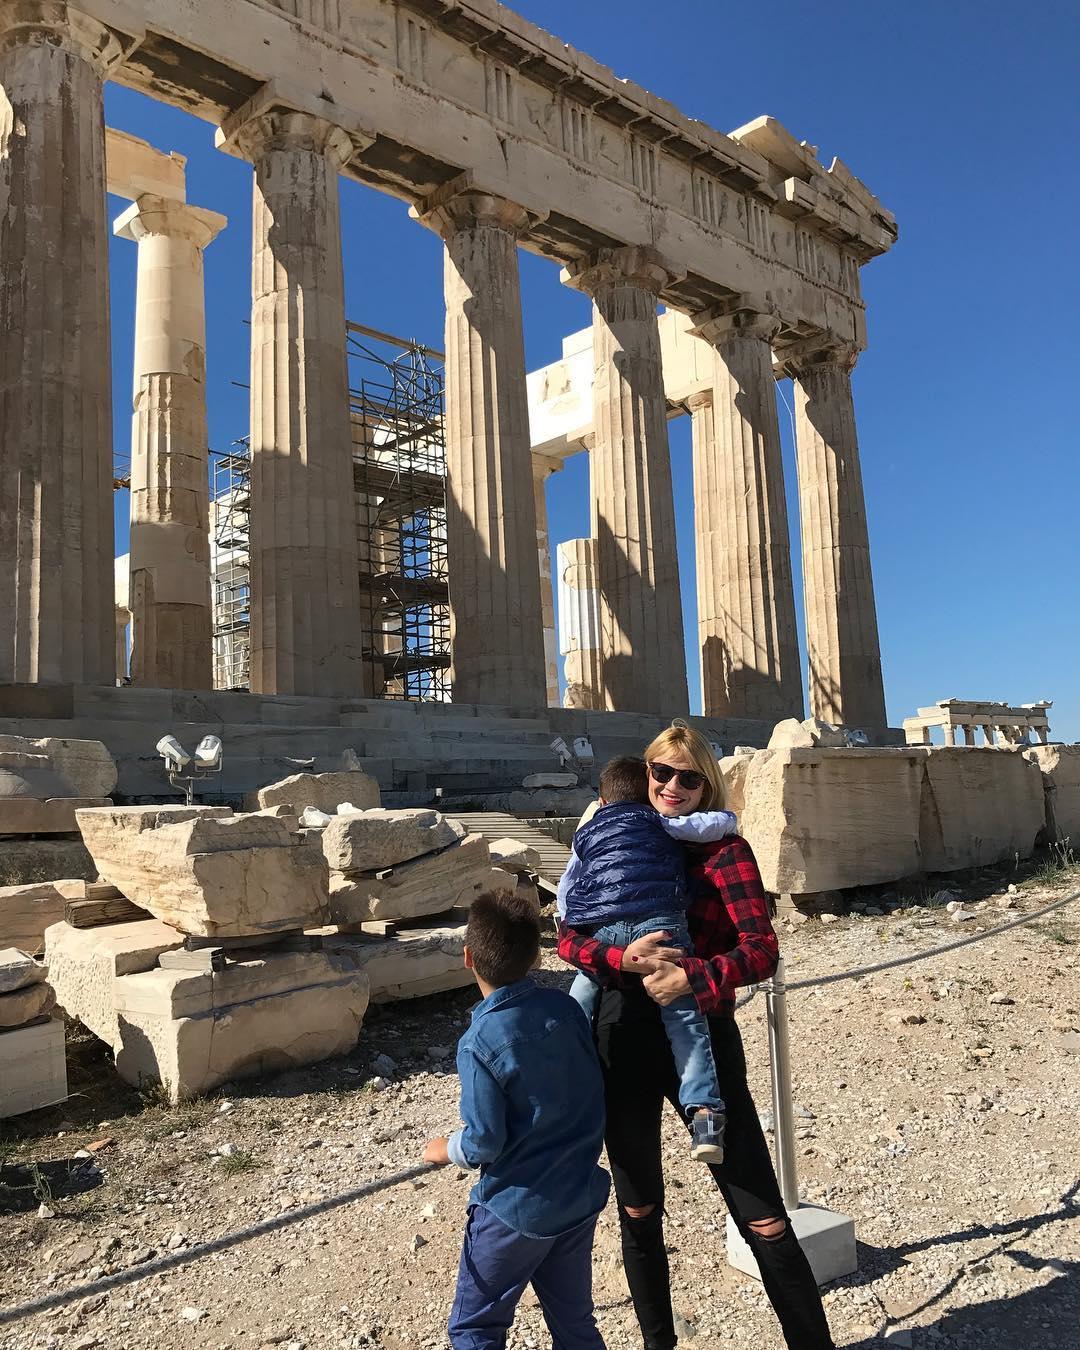 Φαίη: Δες την υπέροχη φωτογραφία που δημοσίευσε με τους γιους της στην Ακρόπολη